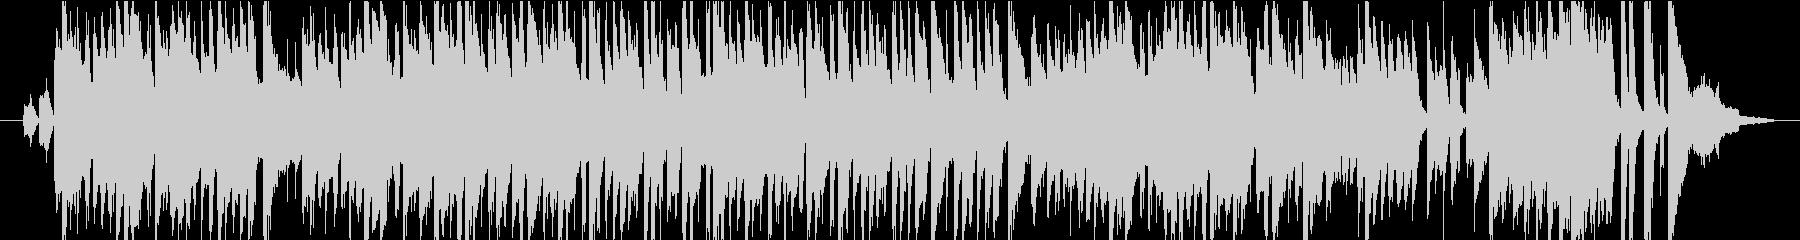 シリアスなボサノバ風ゲームBGMの未再生の波形